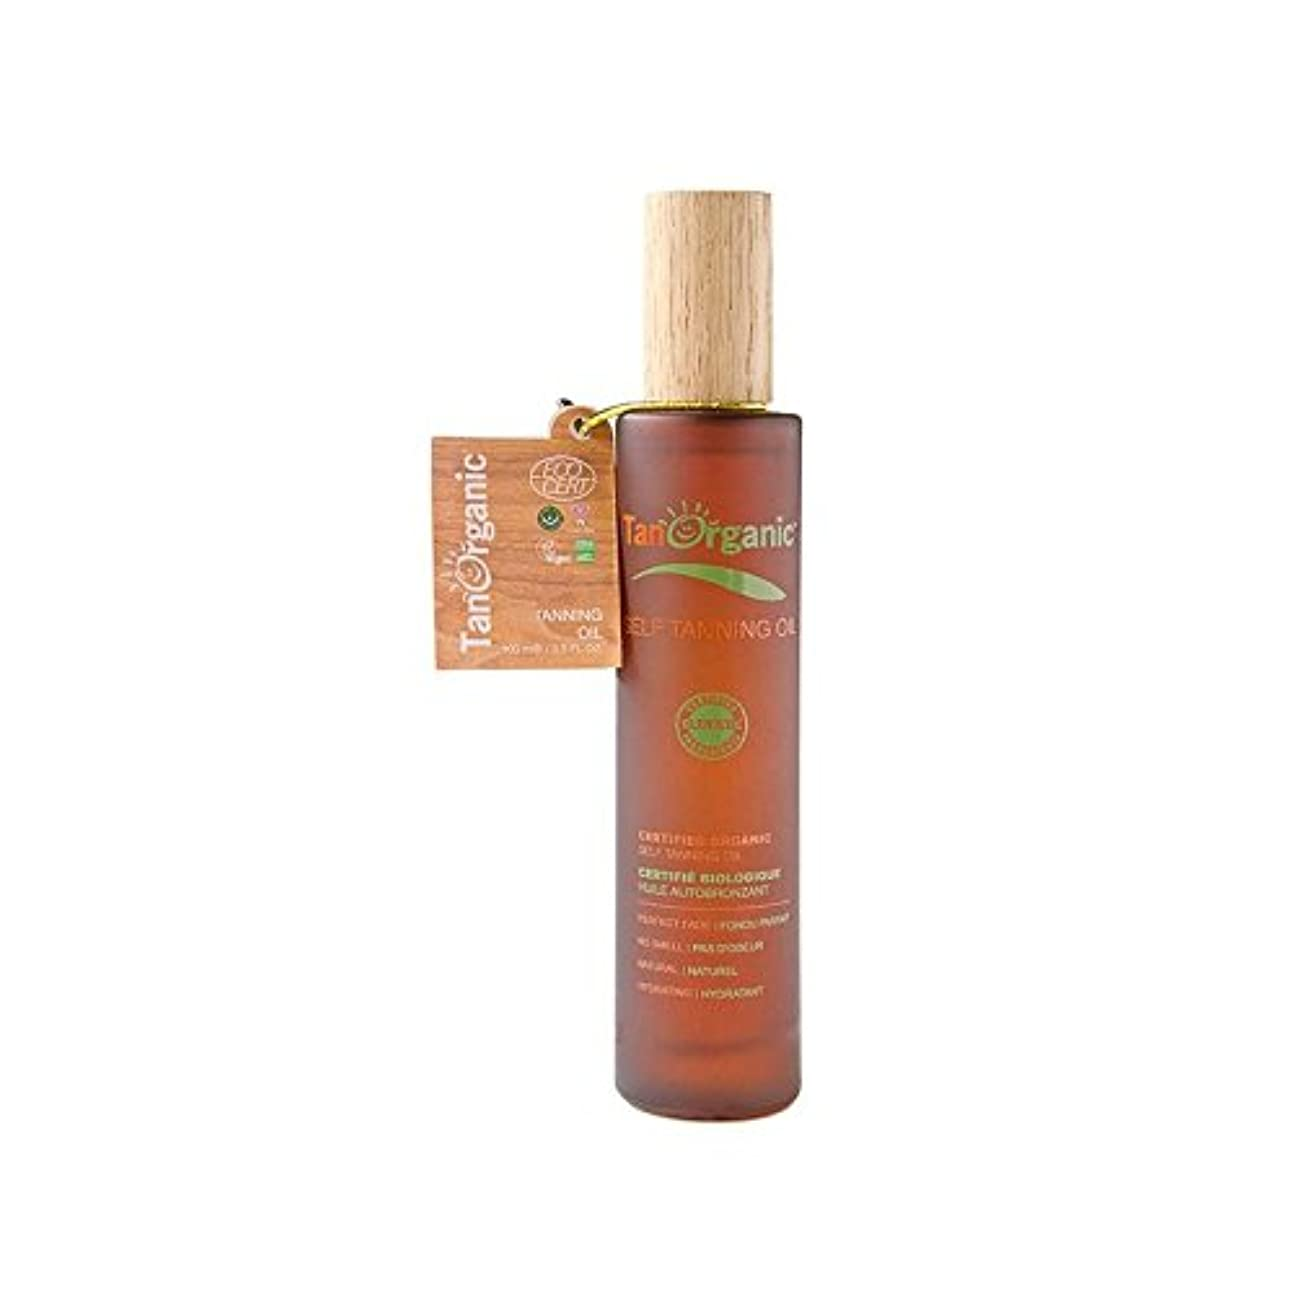 退院ギャップ登録するTanorganic自己日焼け顔&ボディオイル (Tan Organic) - TanOrganic Self-Tan Face & Body Oil [並行輸入品]